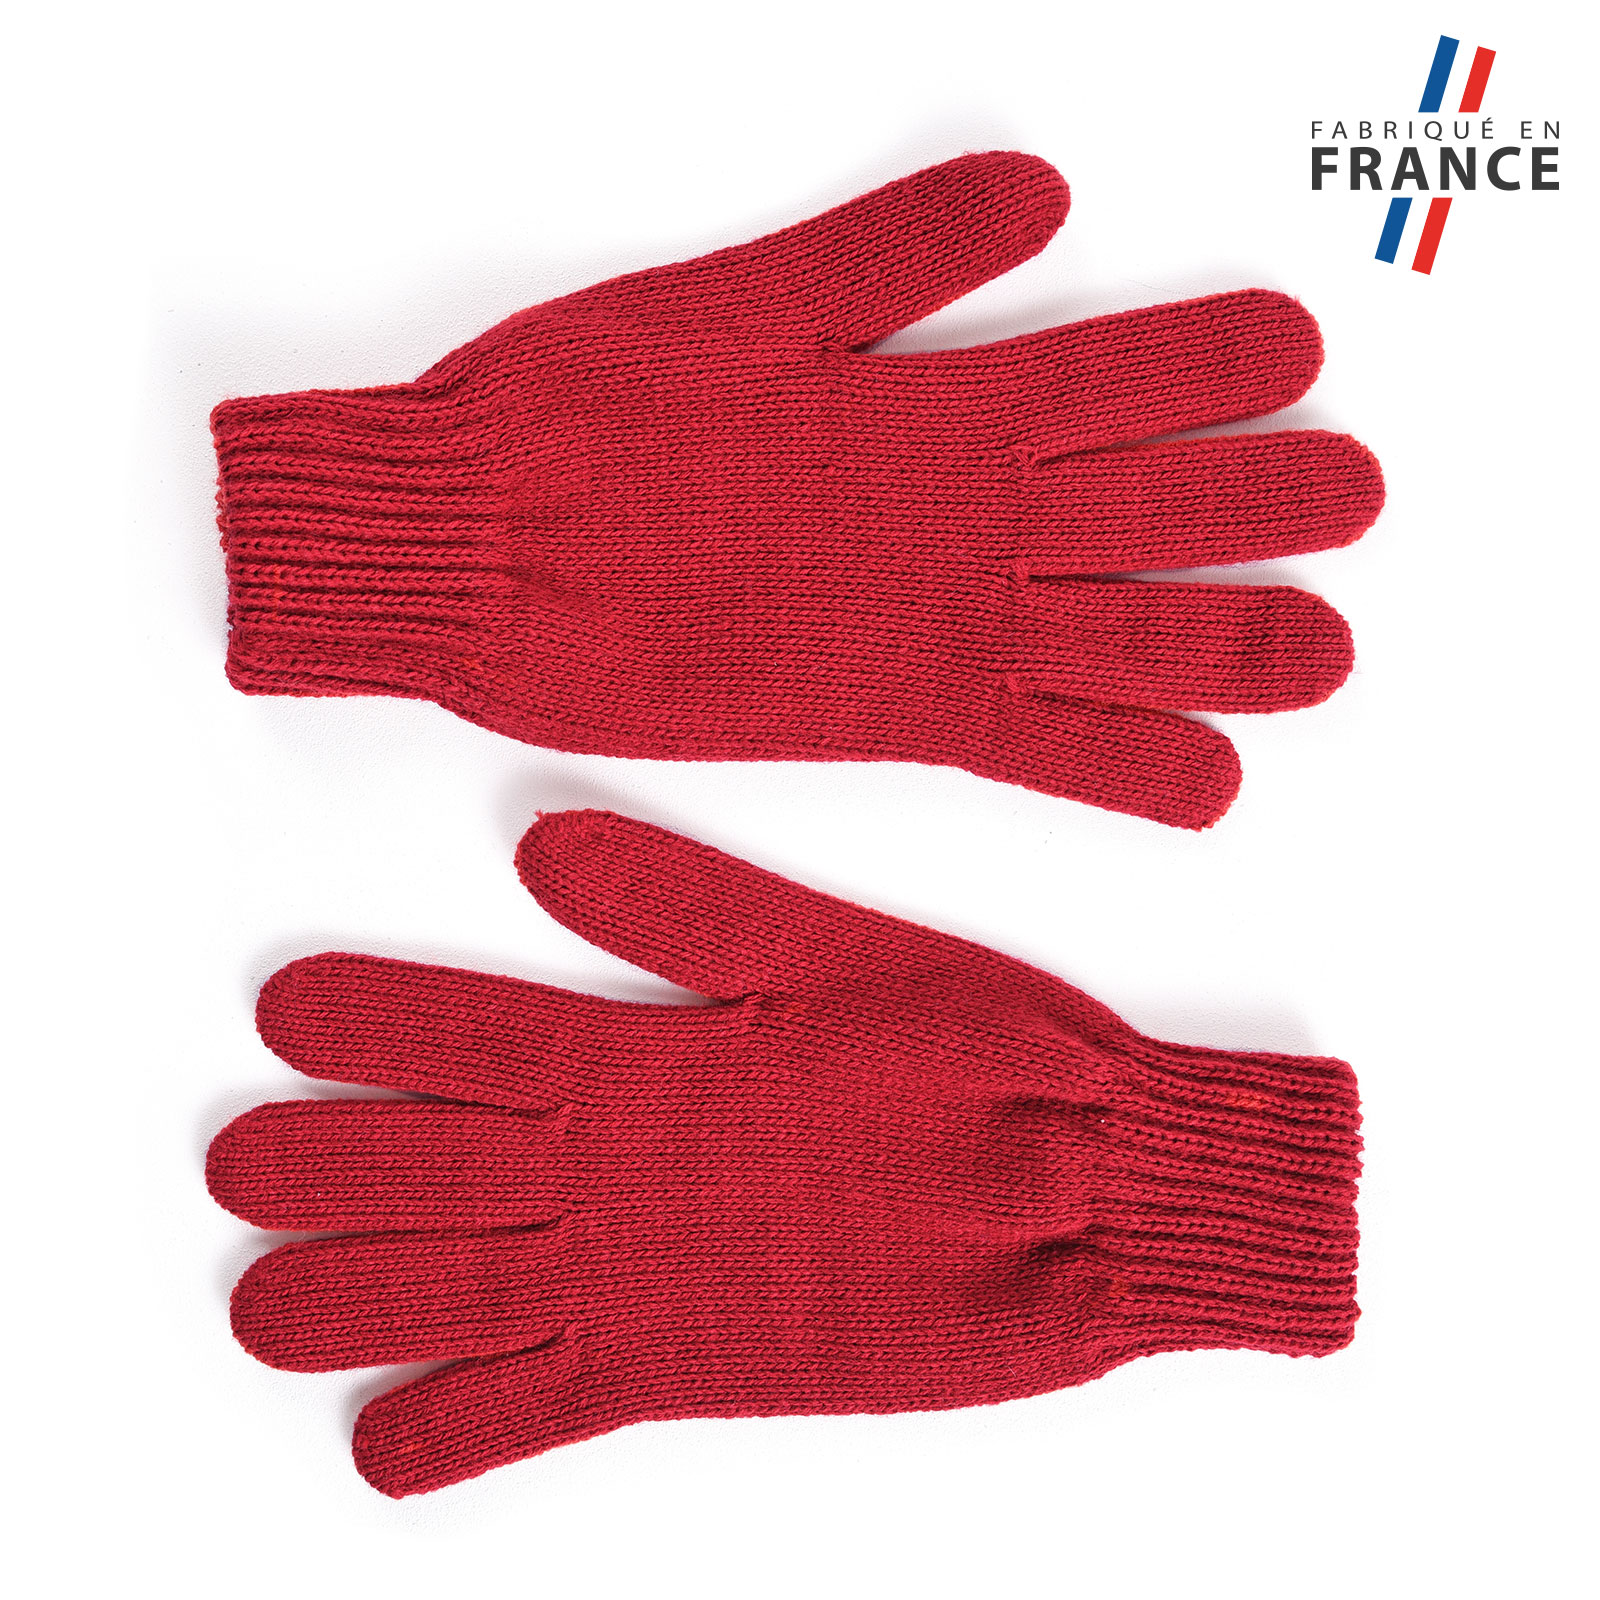 GA-00006-A16-LB_FR-gants-femme-rouges